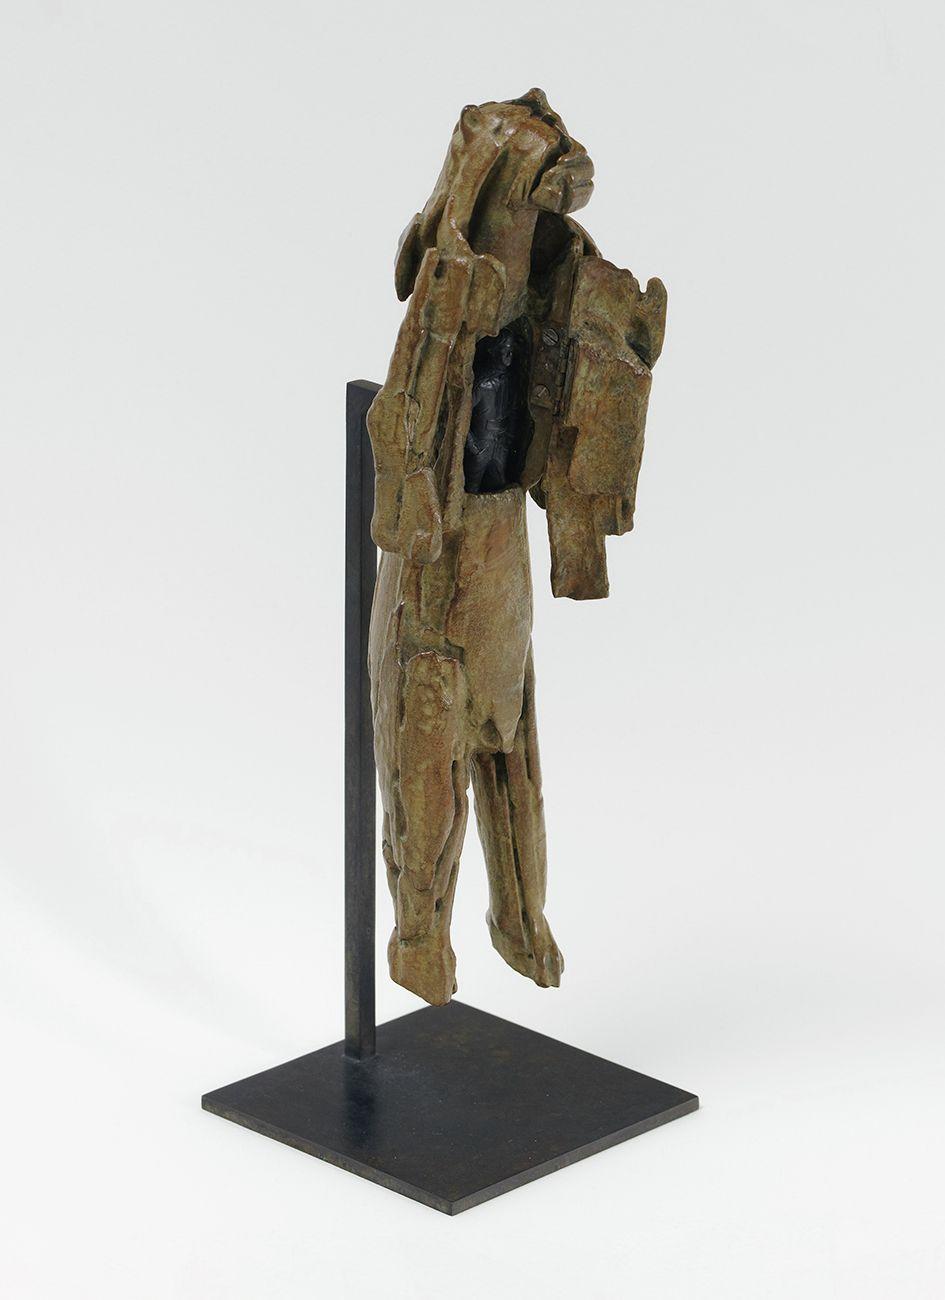 Abraham Poincheval, L'Homme lion, 2020 L'Âme primitive, Musée Zadkine, Paris (FR) September 28, 2021 - February 27, 2022 ©A. Mole